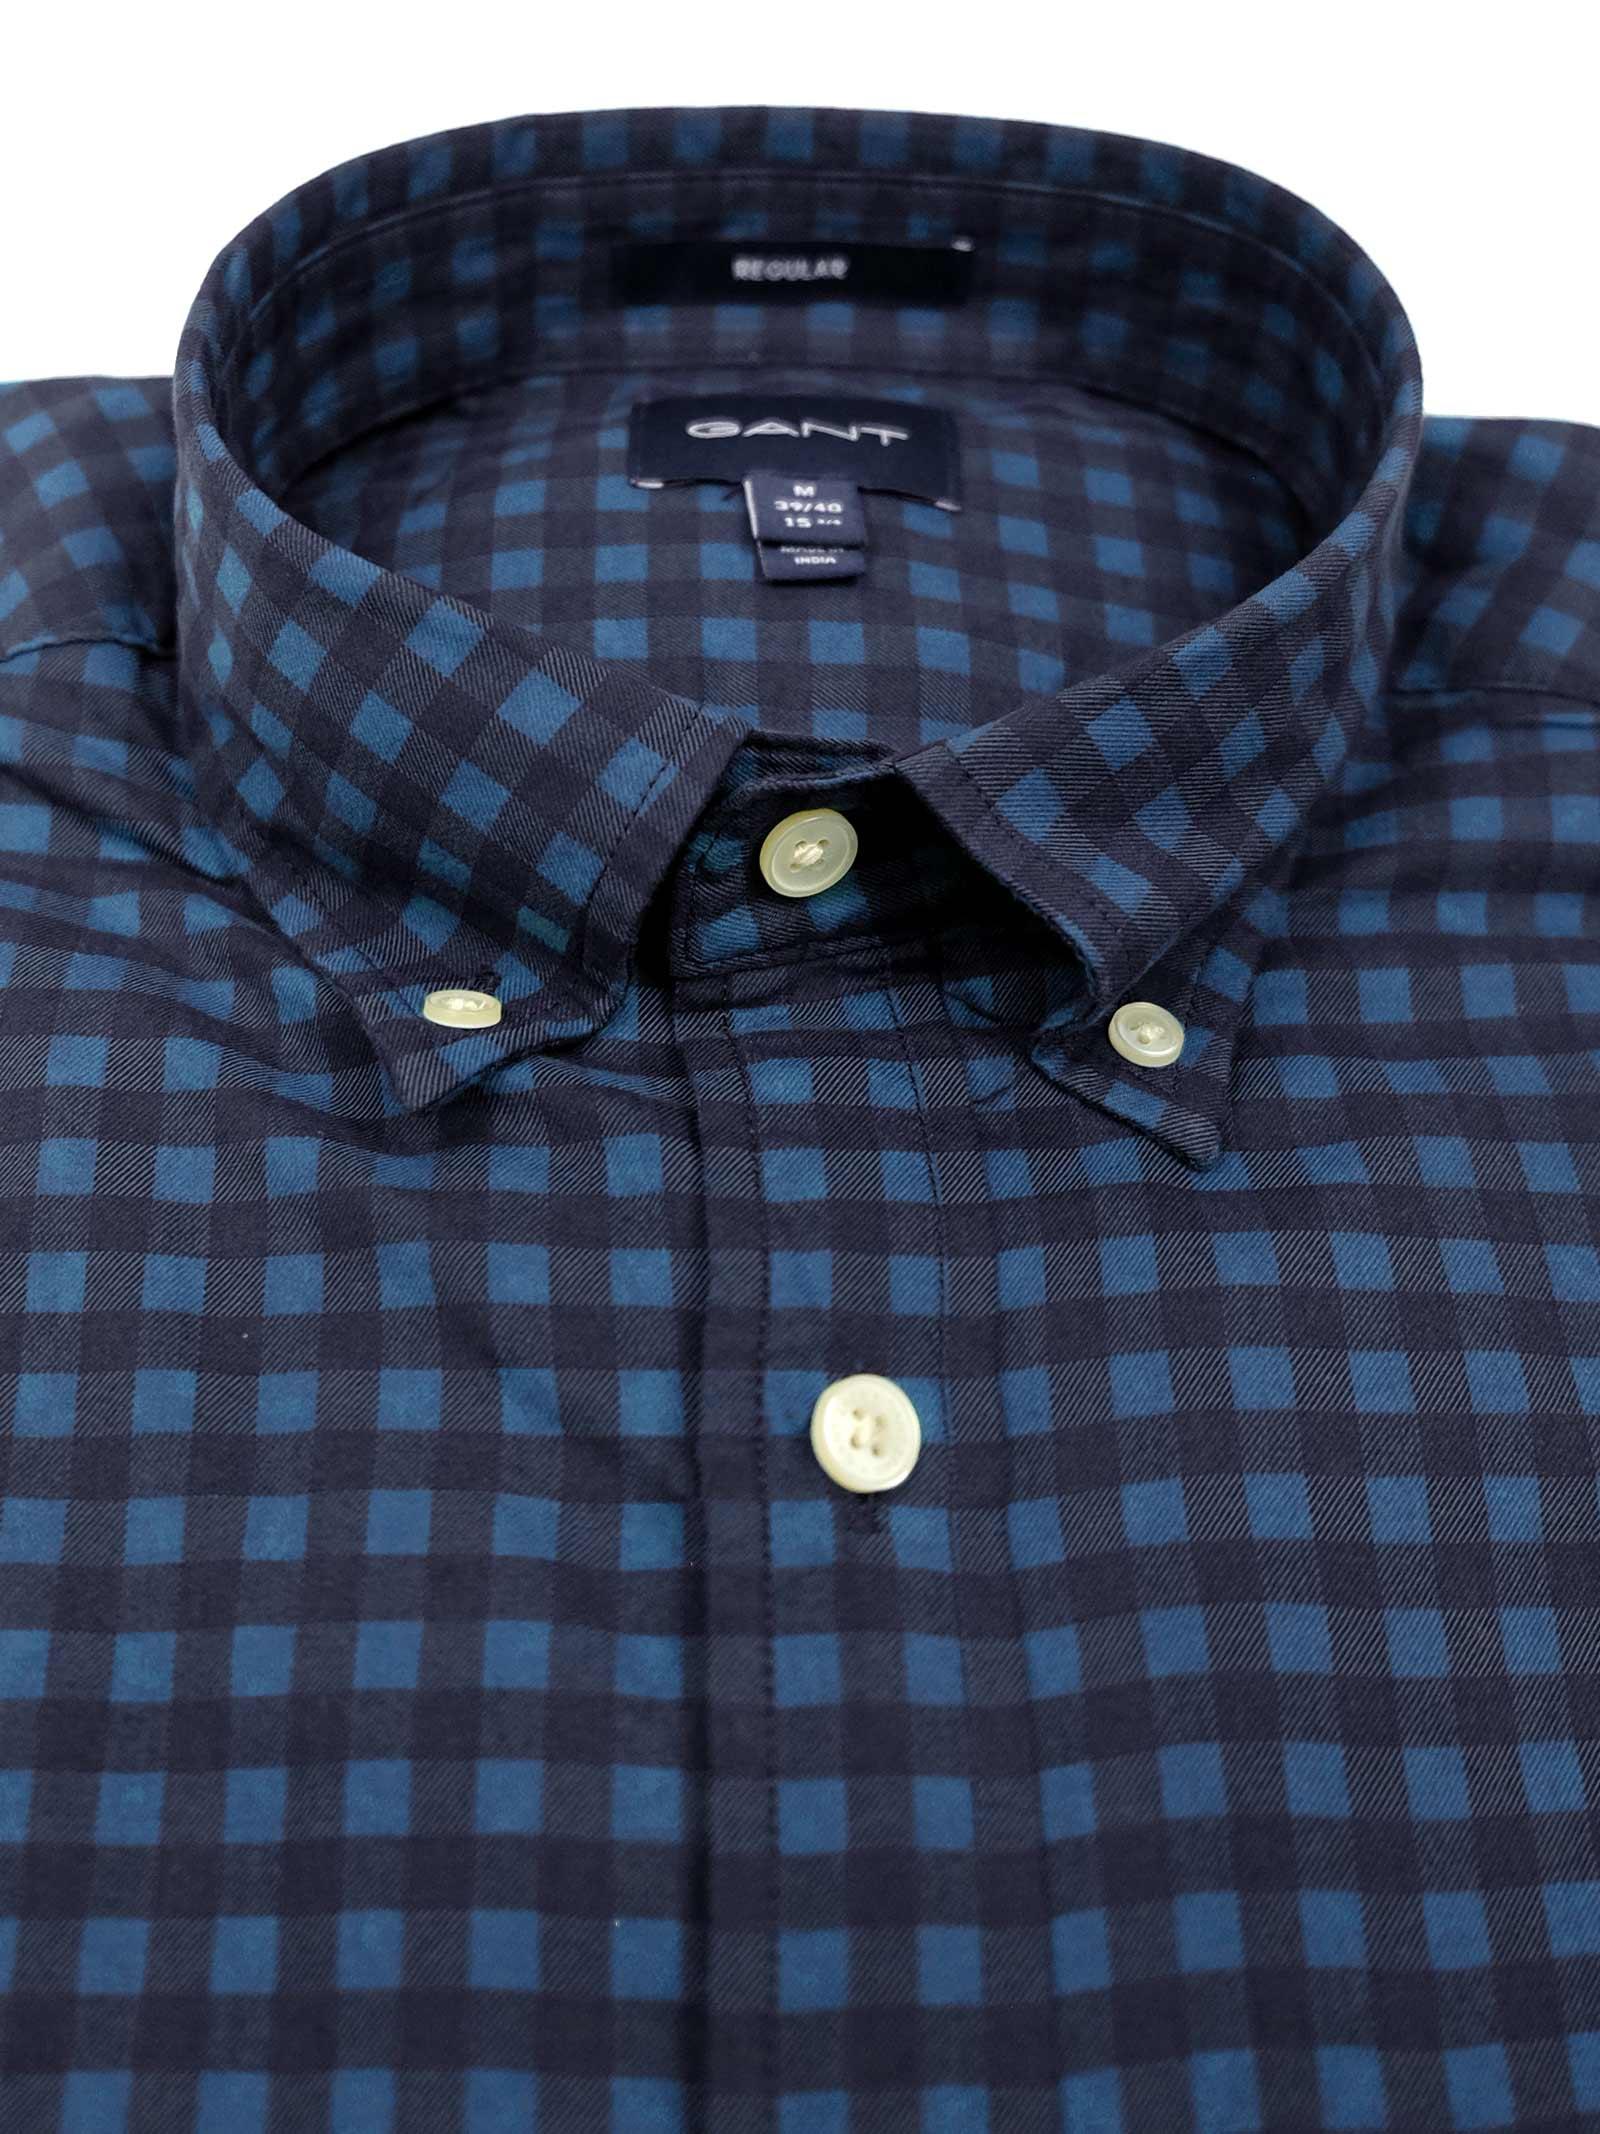 GANT | Shirts | 3011230442